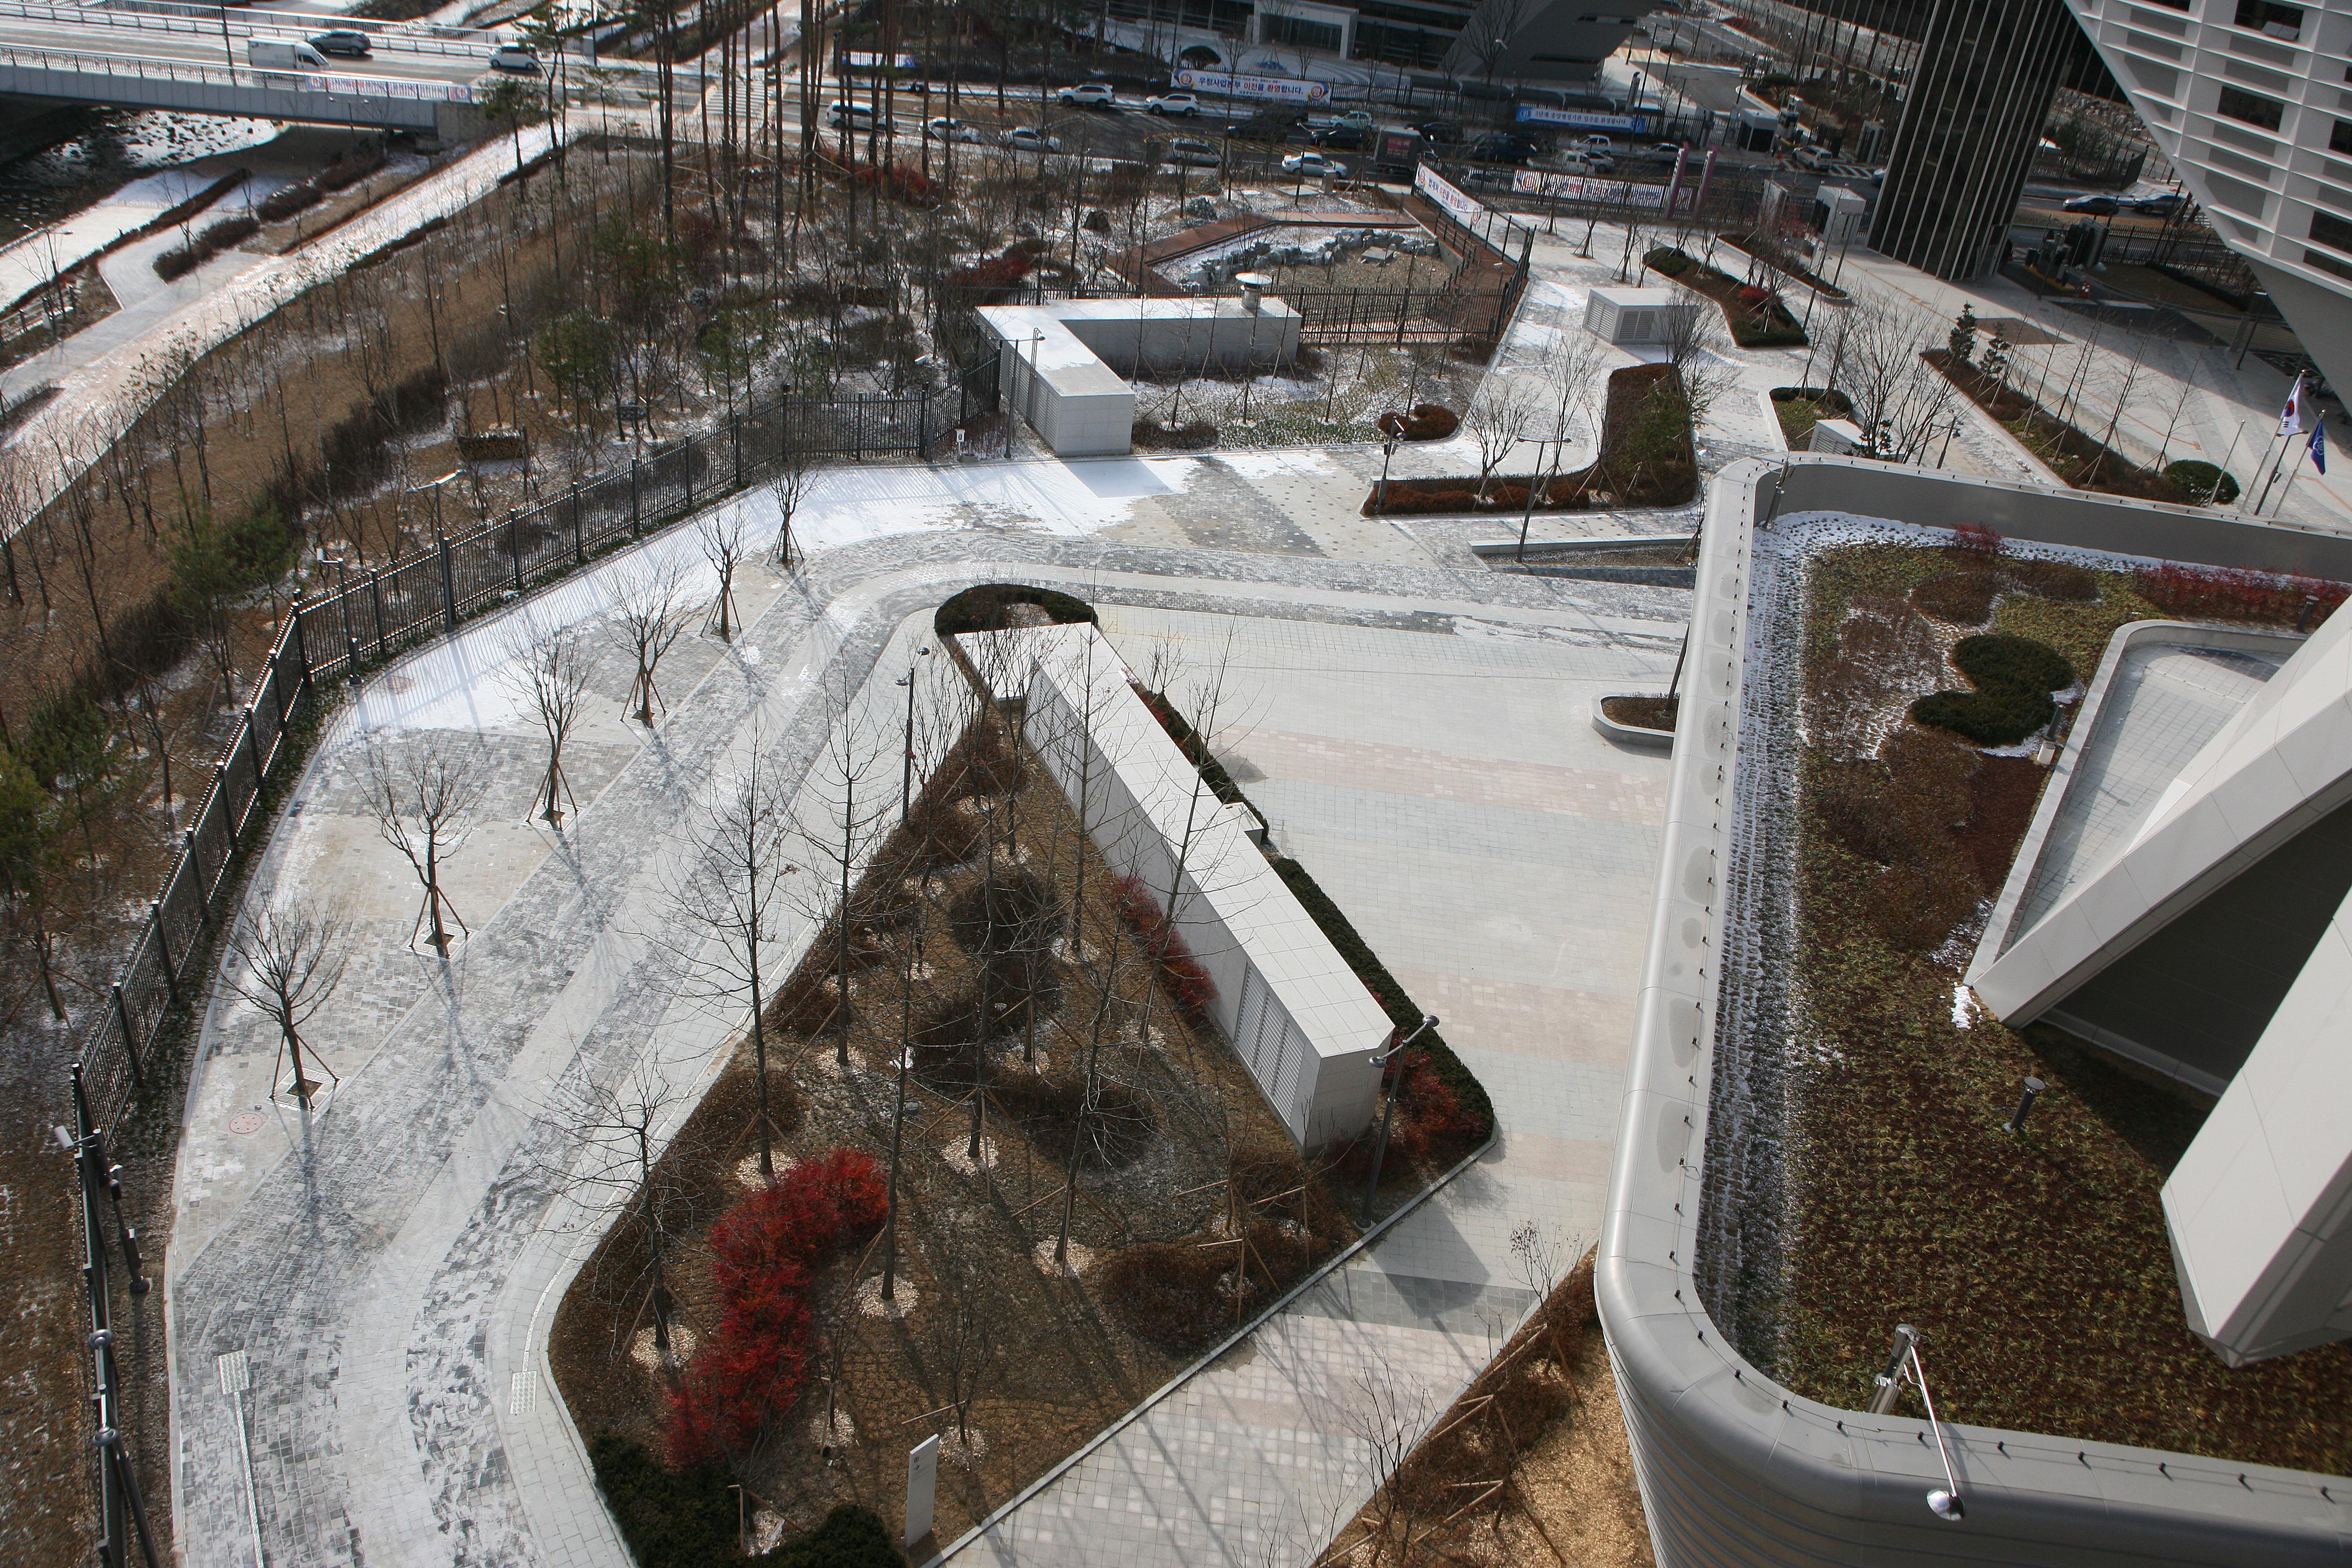 〔안정원의 건축 칼럼〕 미래형 명품도시의 모범 사례로 손꼽히는 행정중심복합도시 6